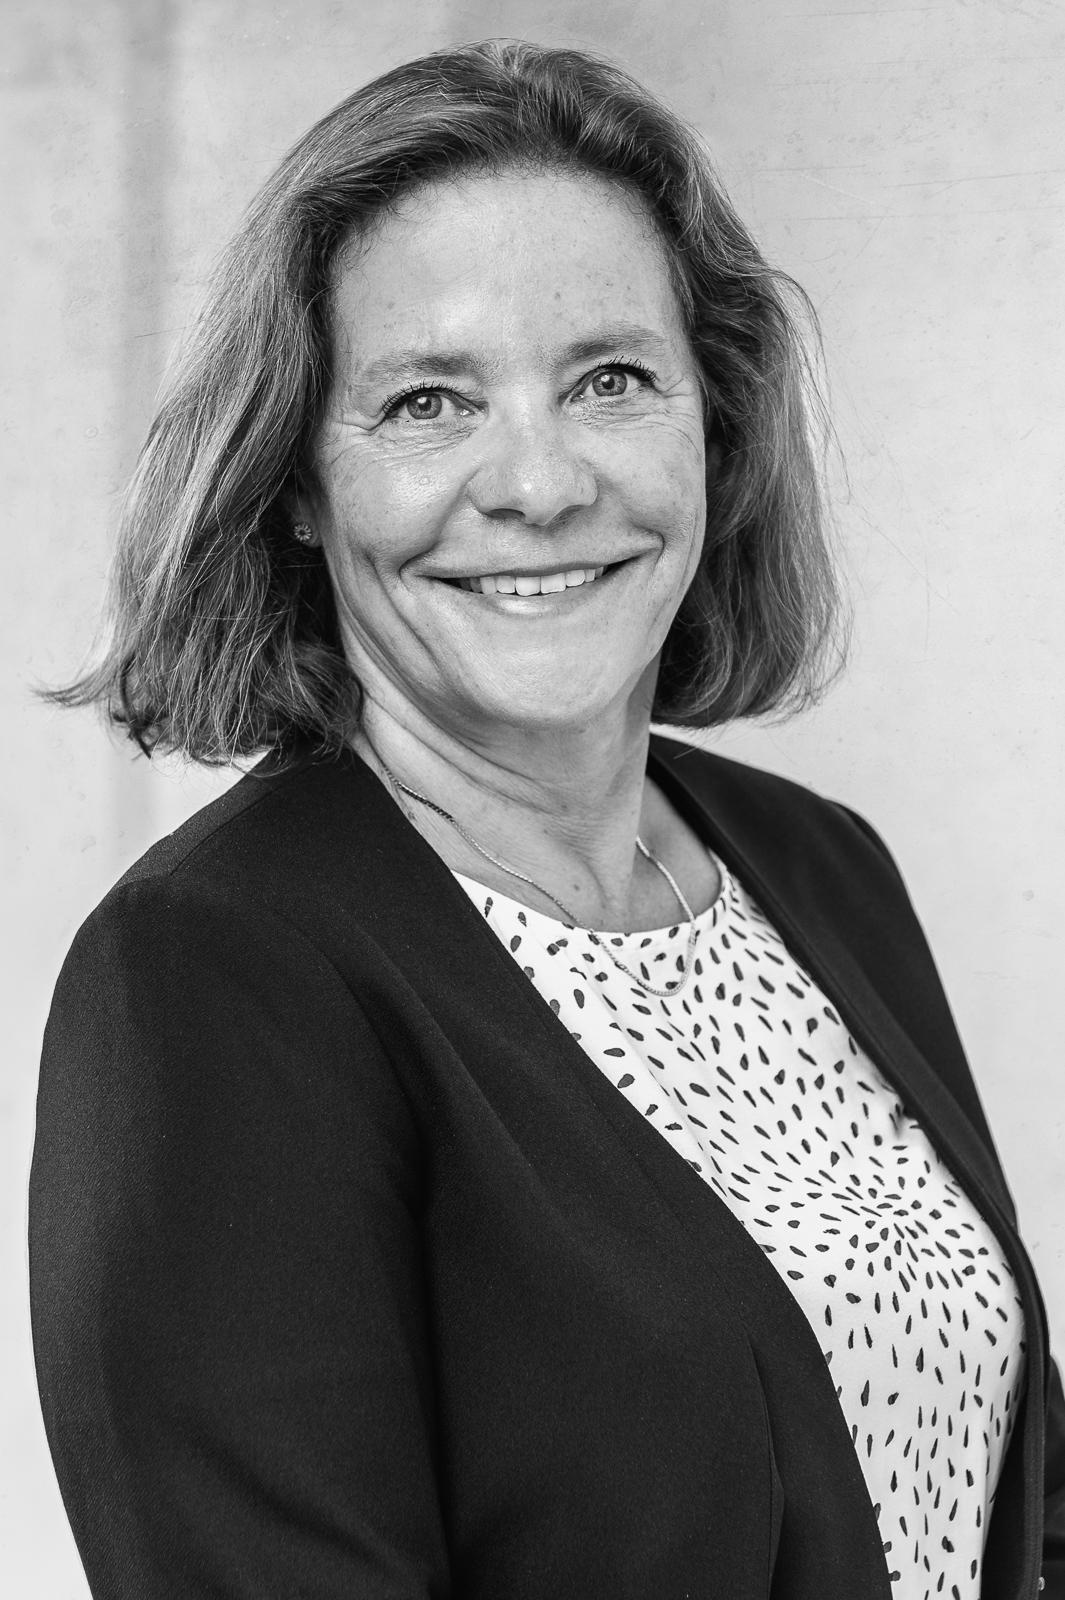 Jeanette Mouritsen